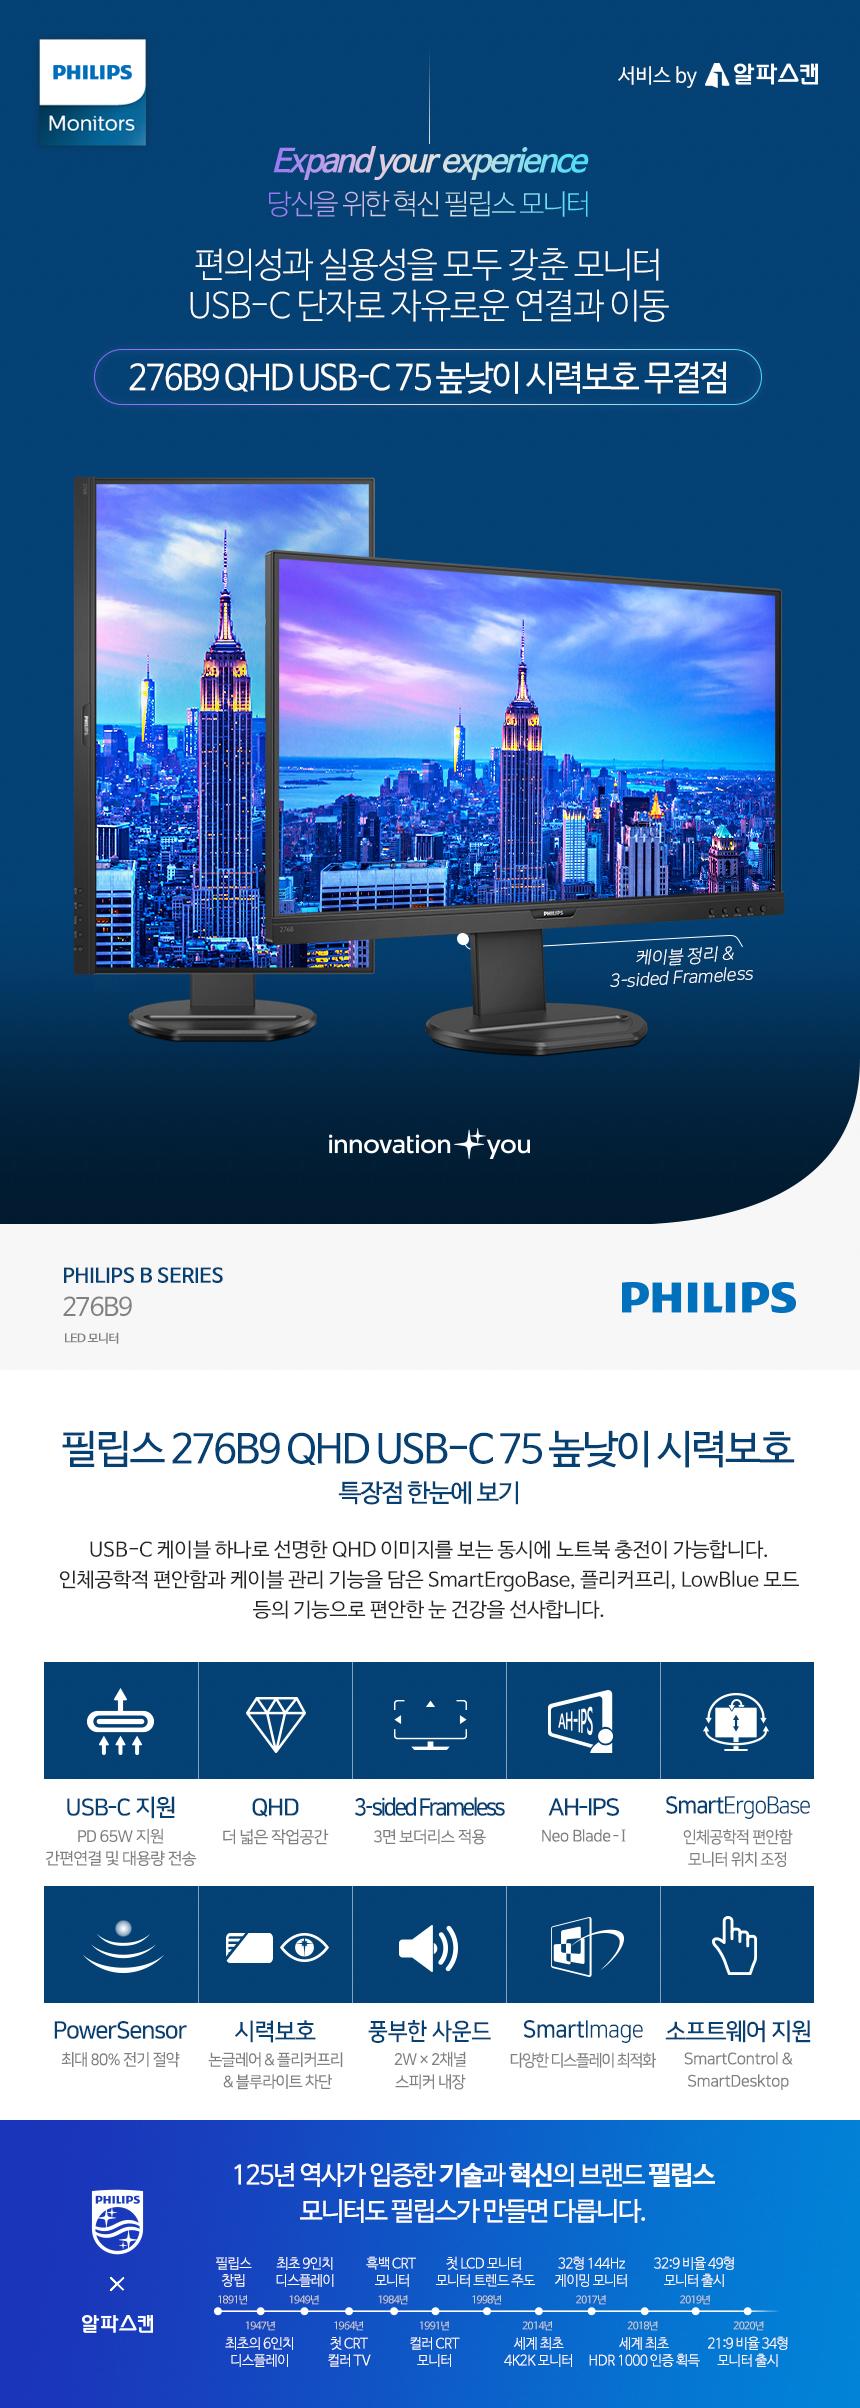 필립스 276B9 QHD USB-C 75 높낮이 시력보호 무결점